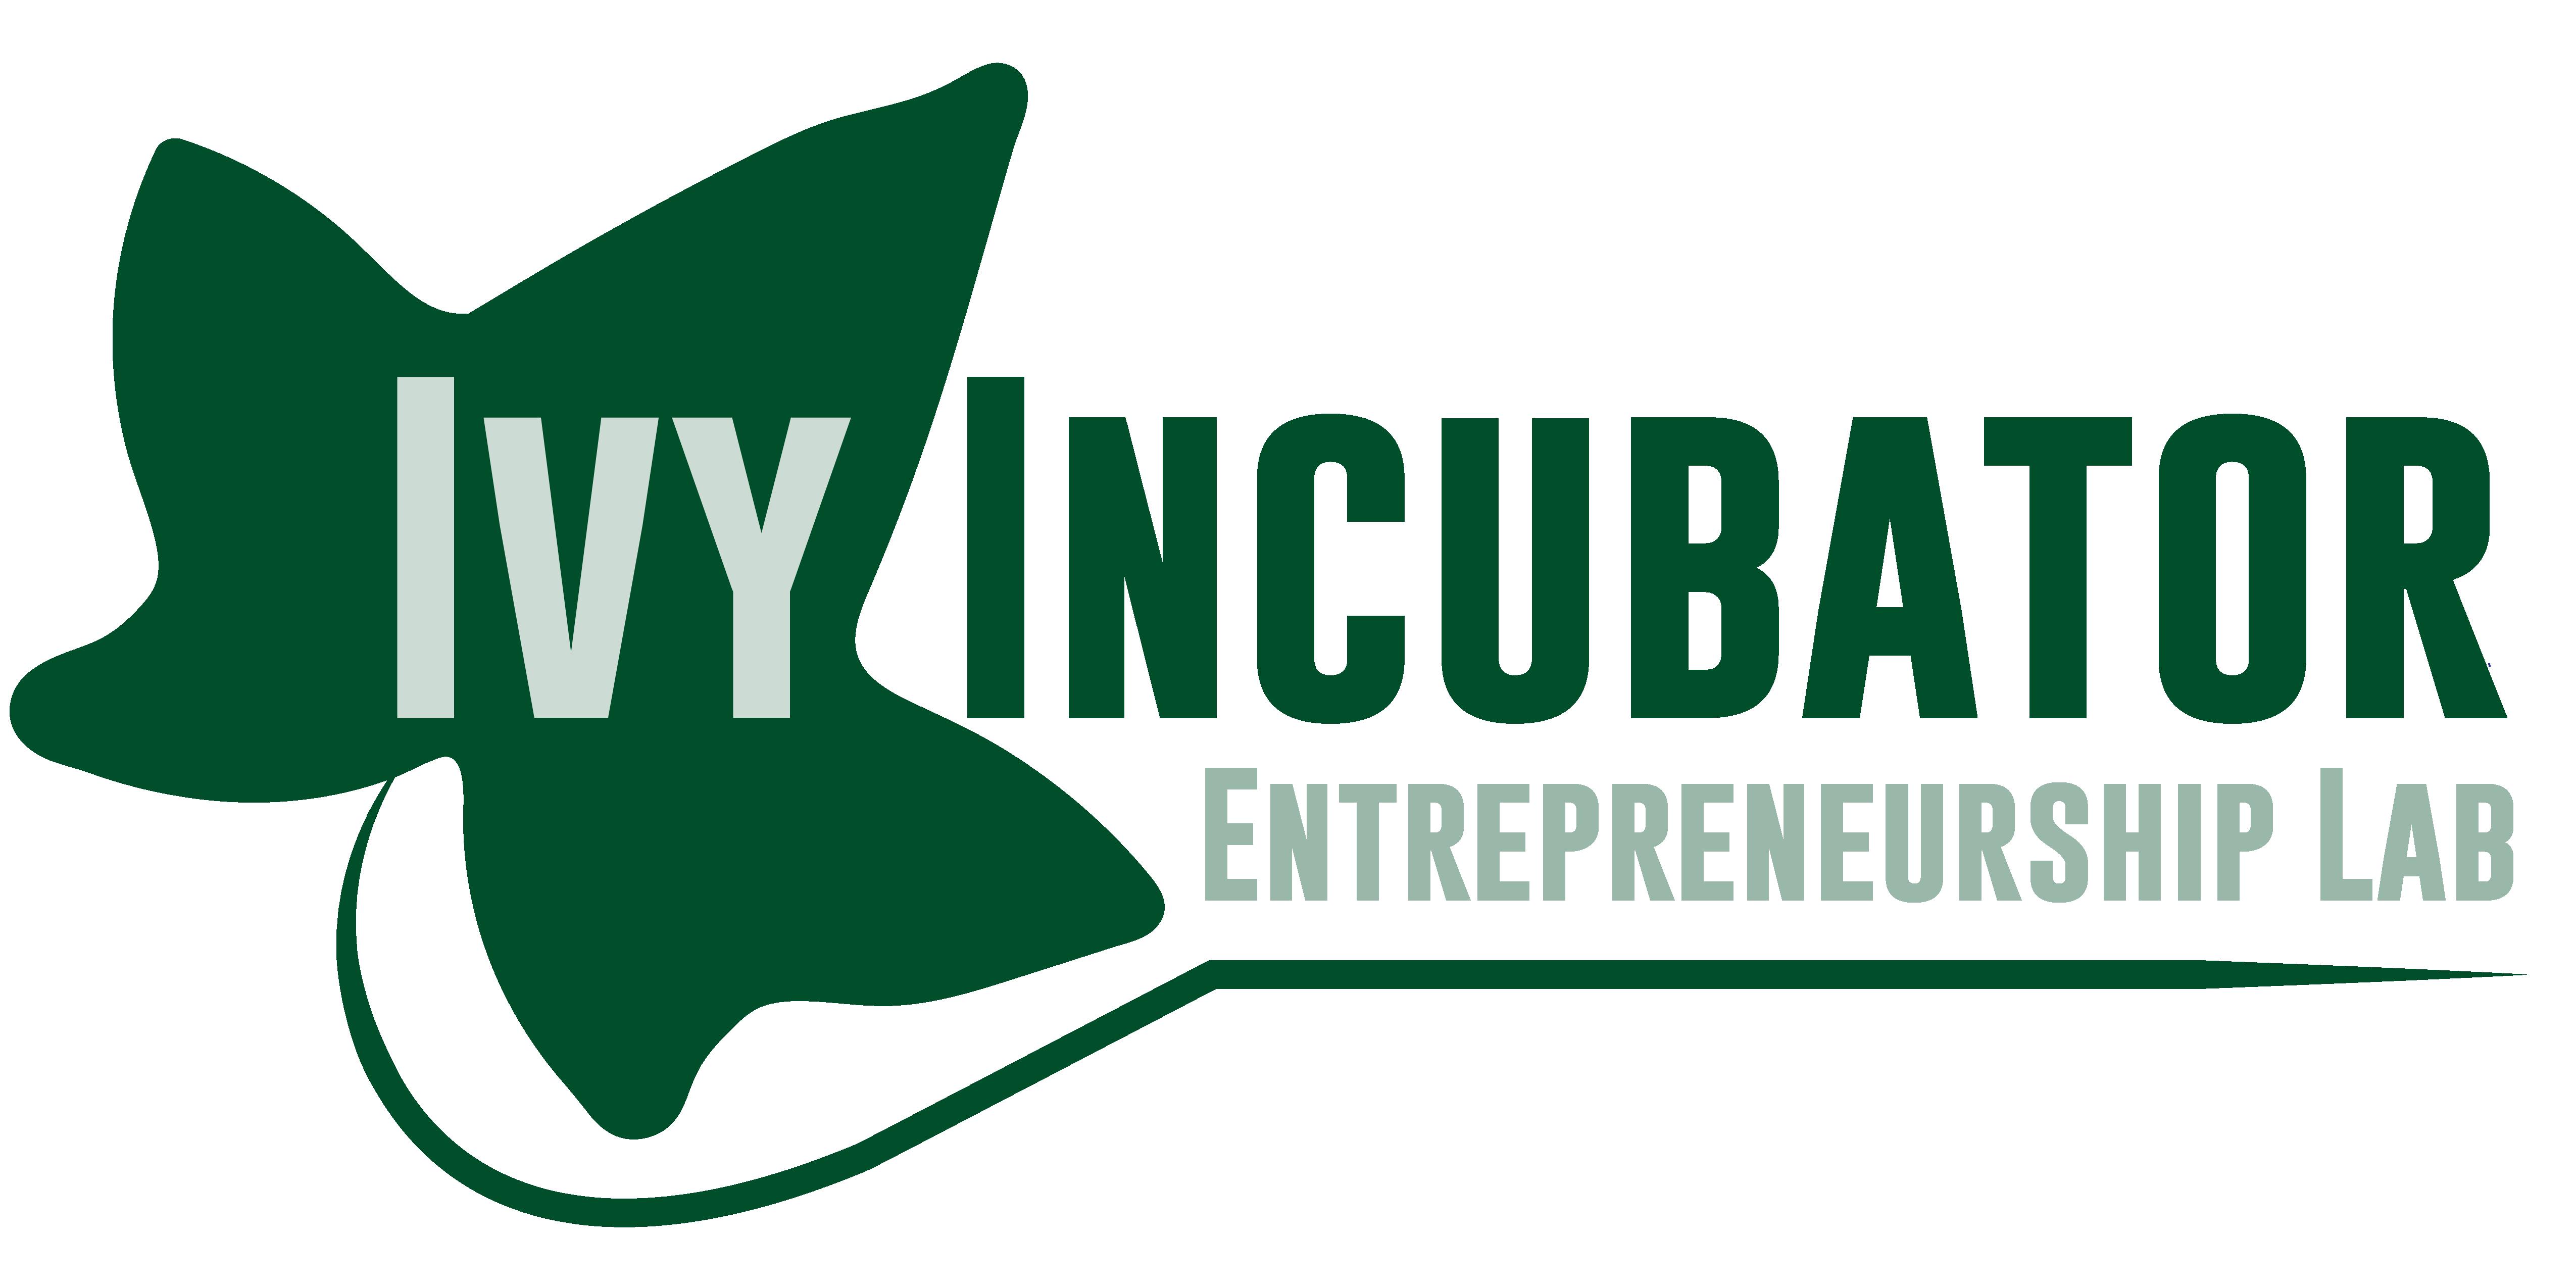 Ivy Incubator